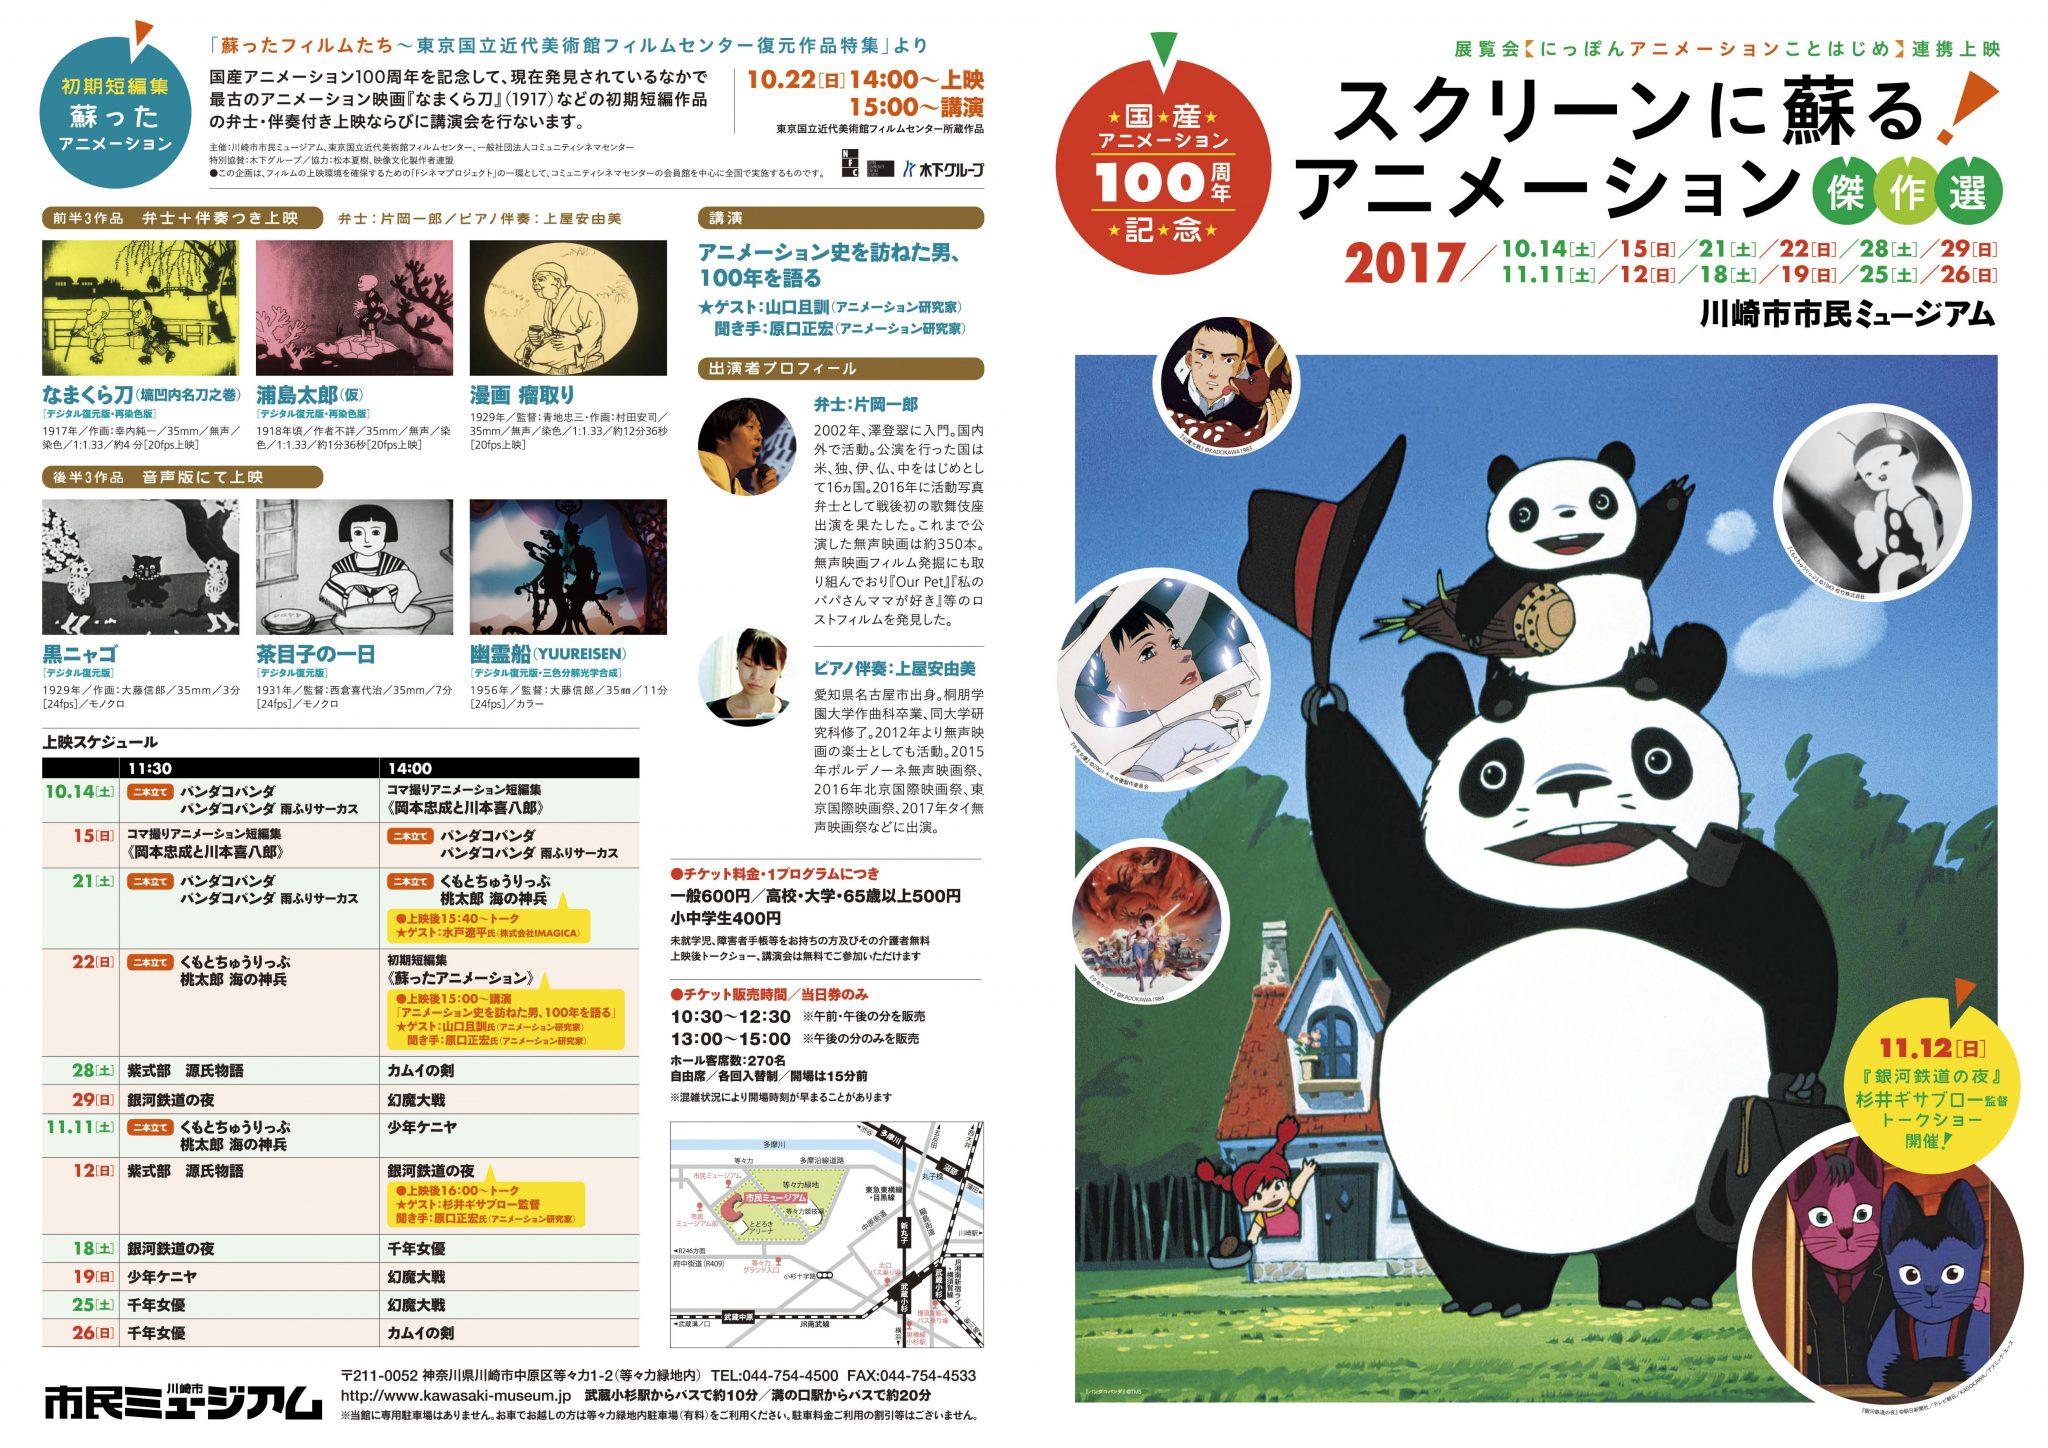 国産アニメーション100周年記念 《スクリーンに蘇る!アニメーション傑作選》